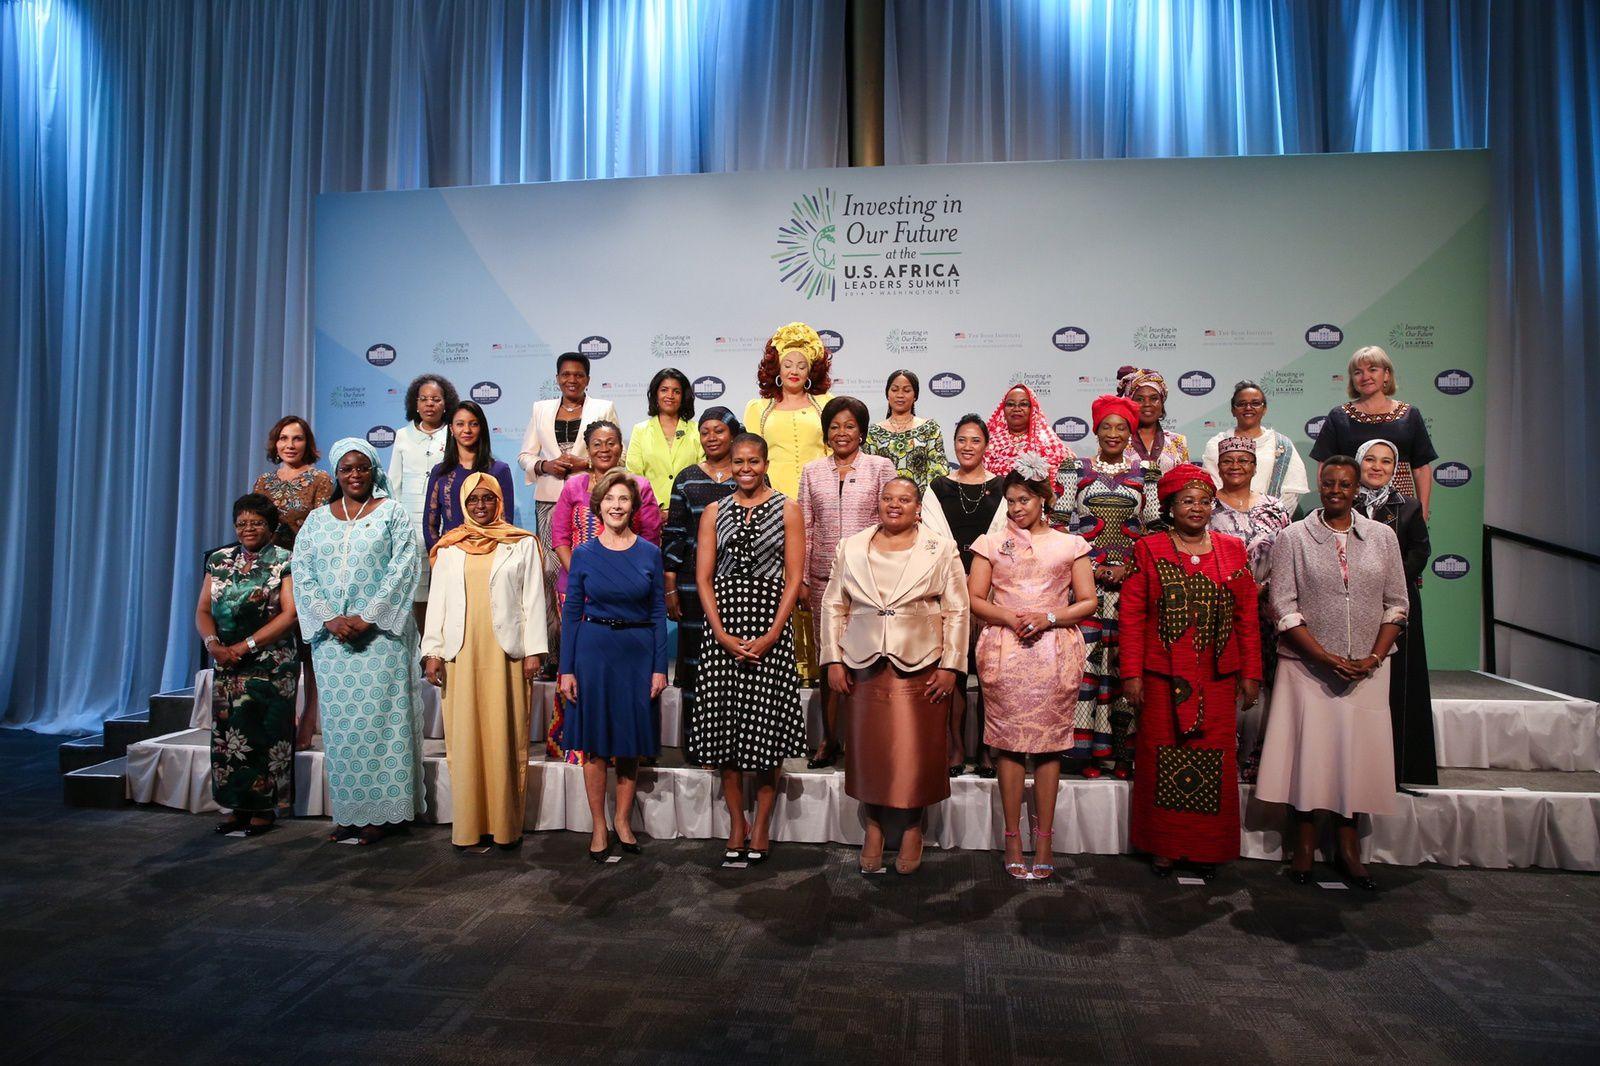 Sommet États-Unis/Afrique: Les Premières Dames imposent leur vision